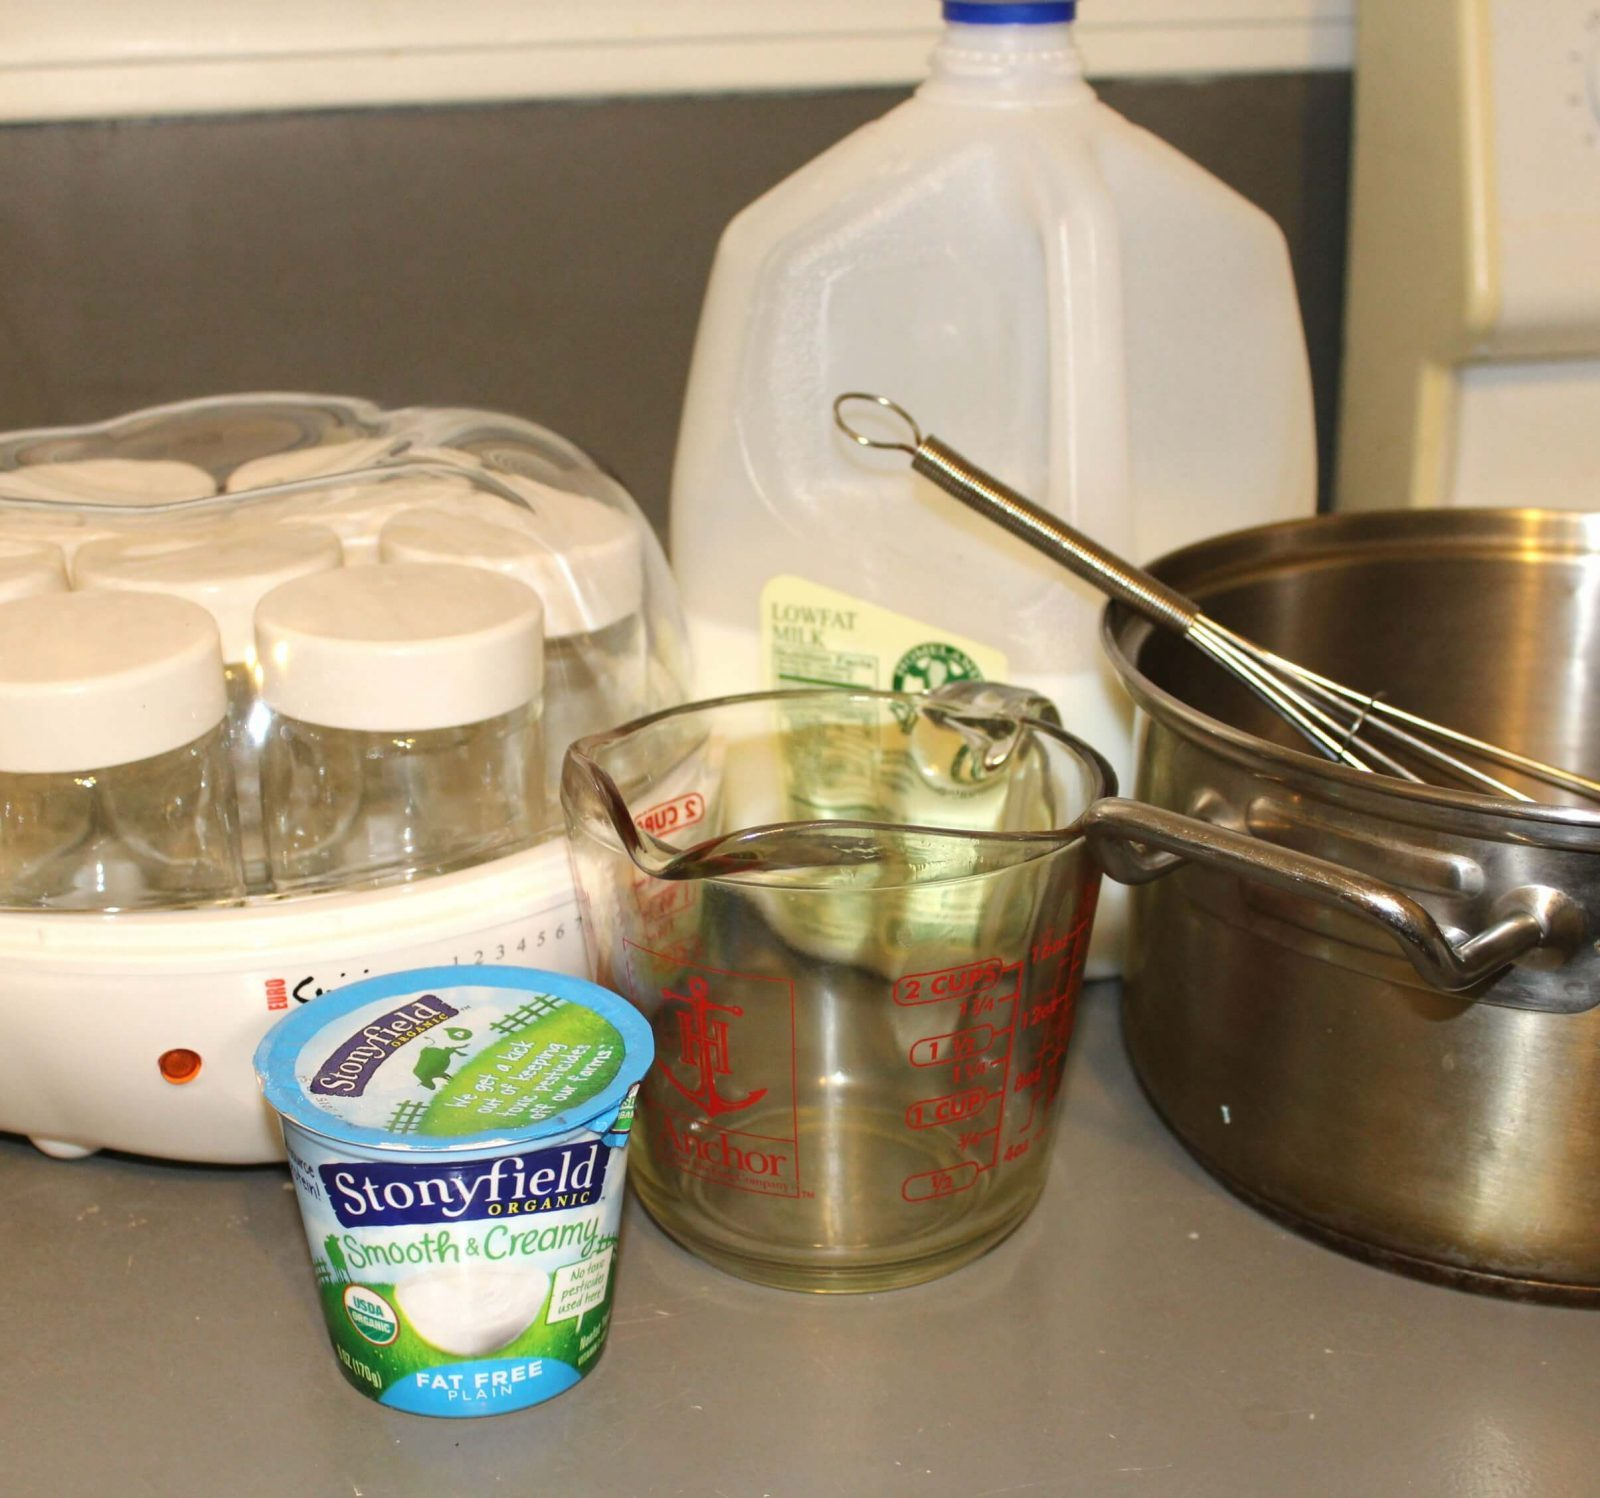 ingredients and supplies to make yogurt